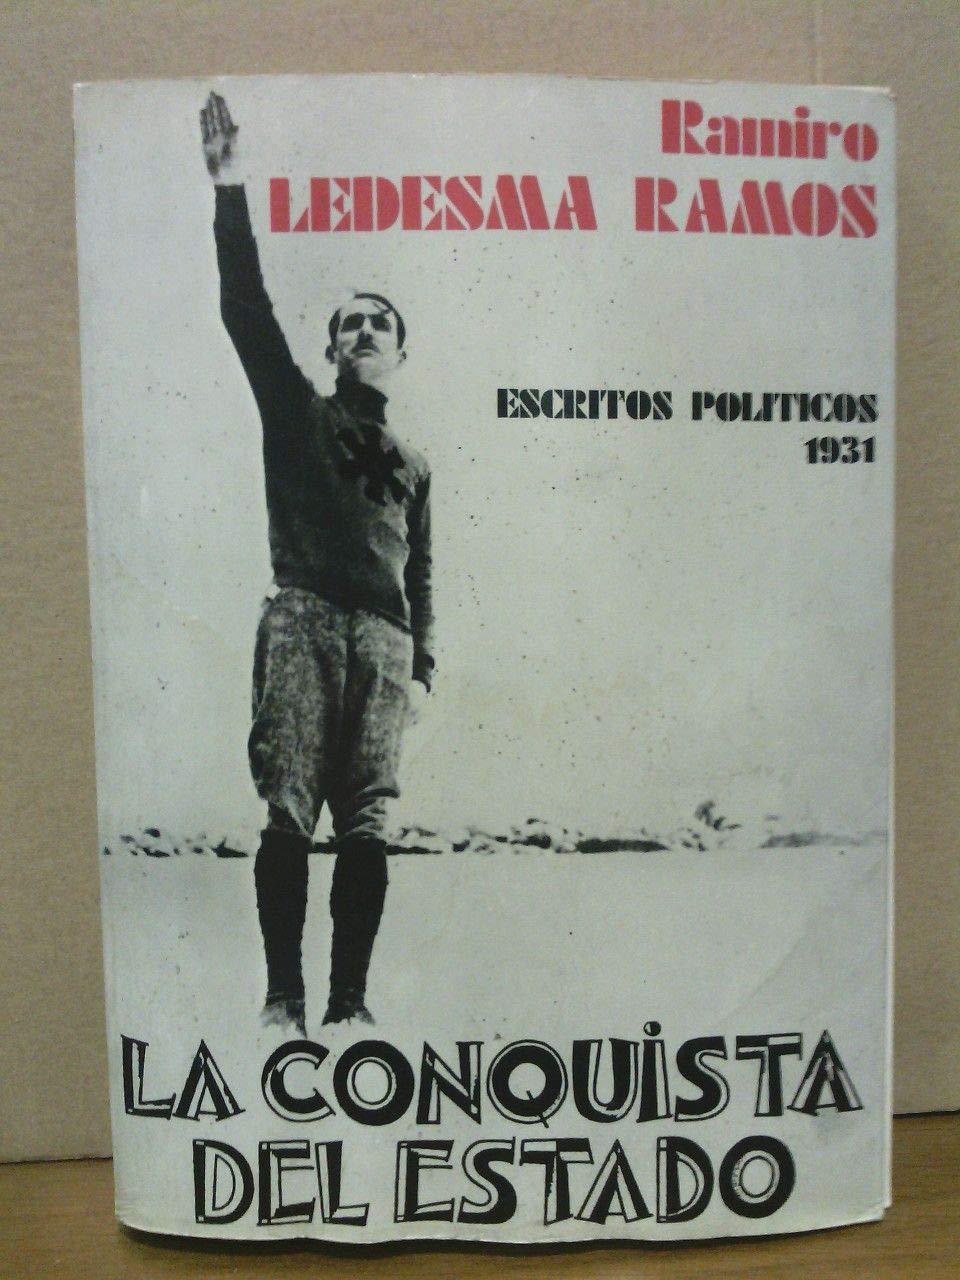 La Conquista del estado: Escritos politicos1931: Amazon.es: Ledesma Ramos, Ramiro: Libros en idiomas extranjeros